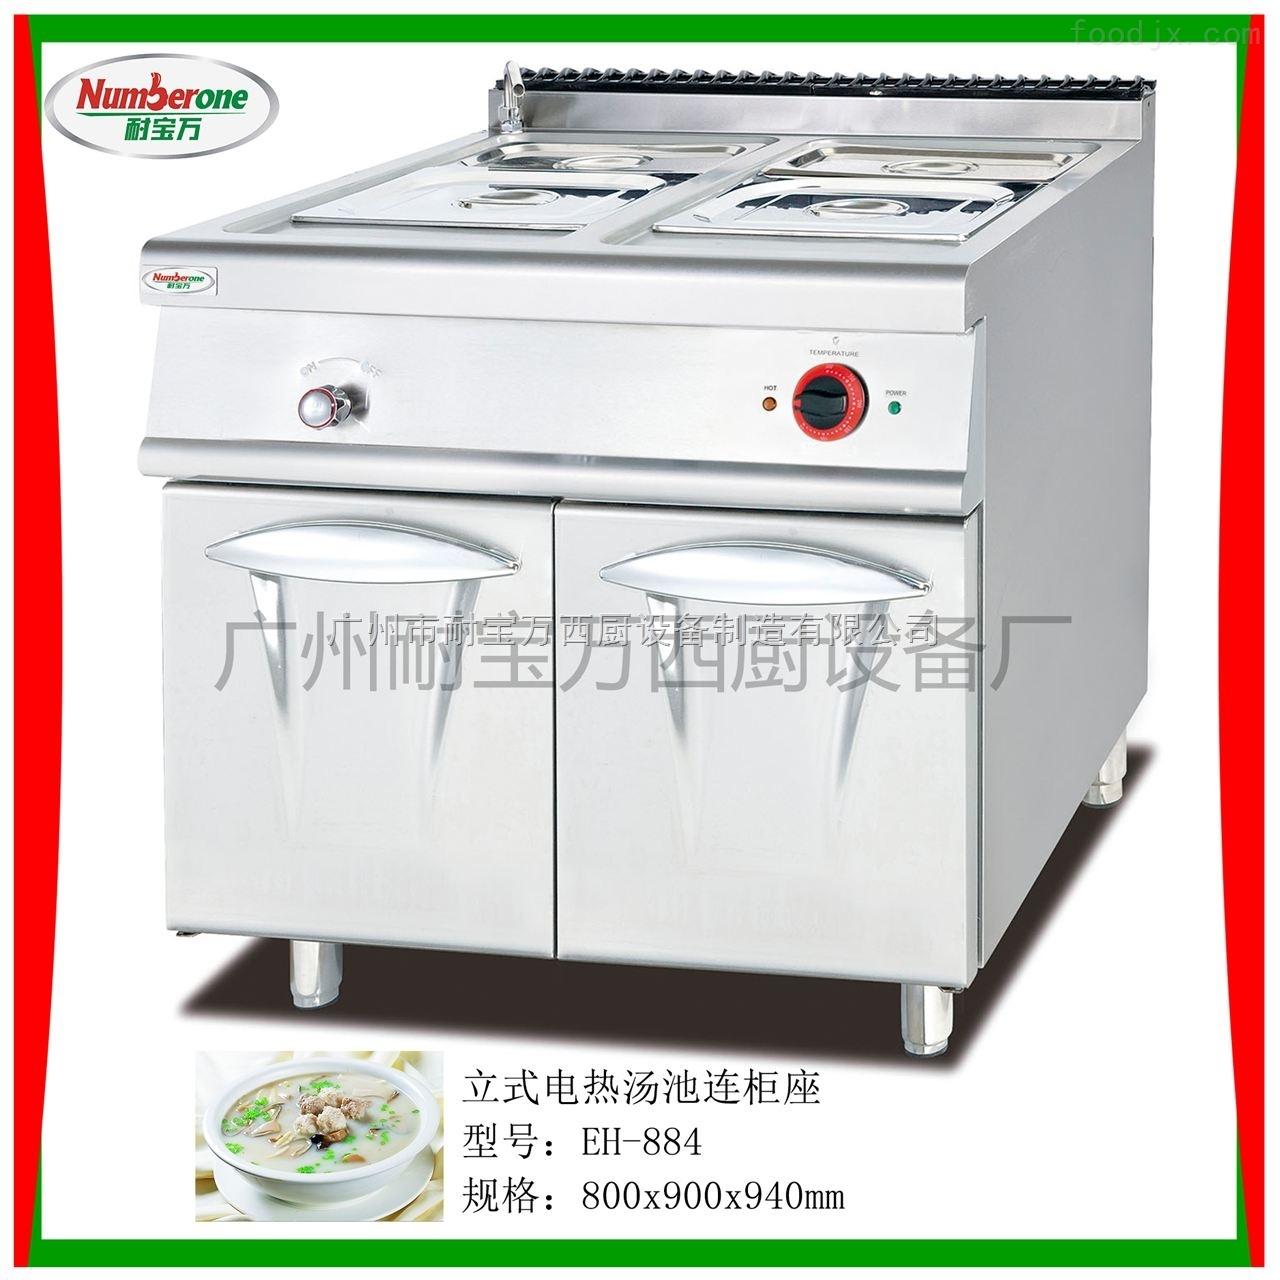 立式电热汤池连柜座/暖汤炉/保温汤池/关东煮